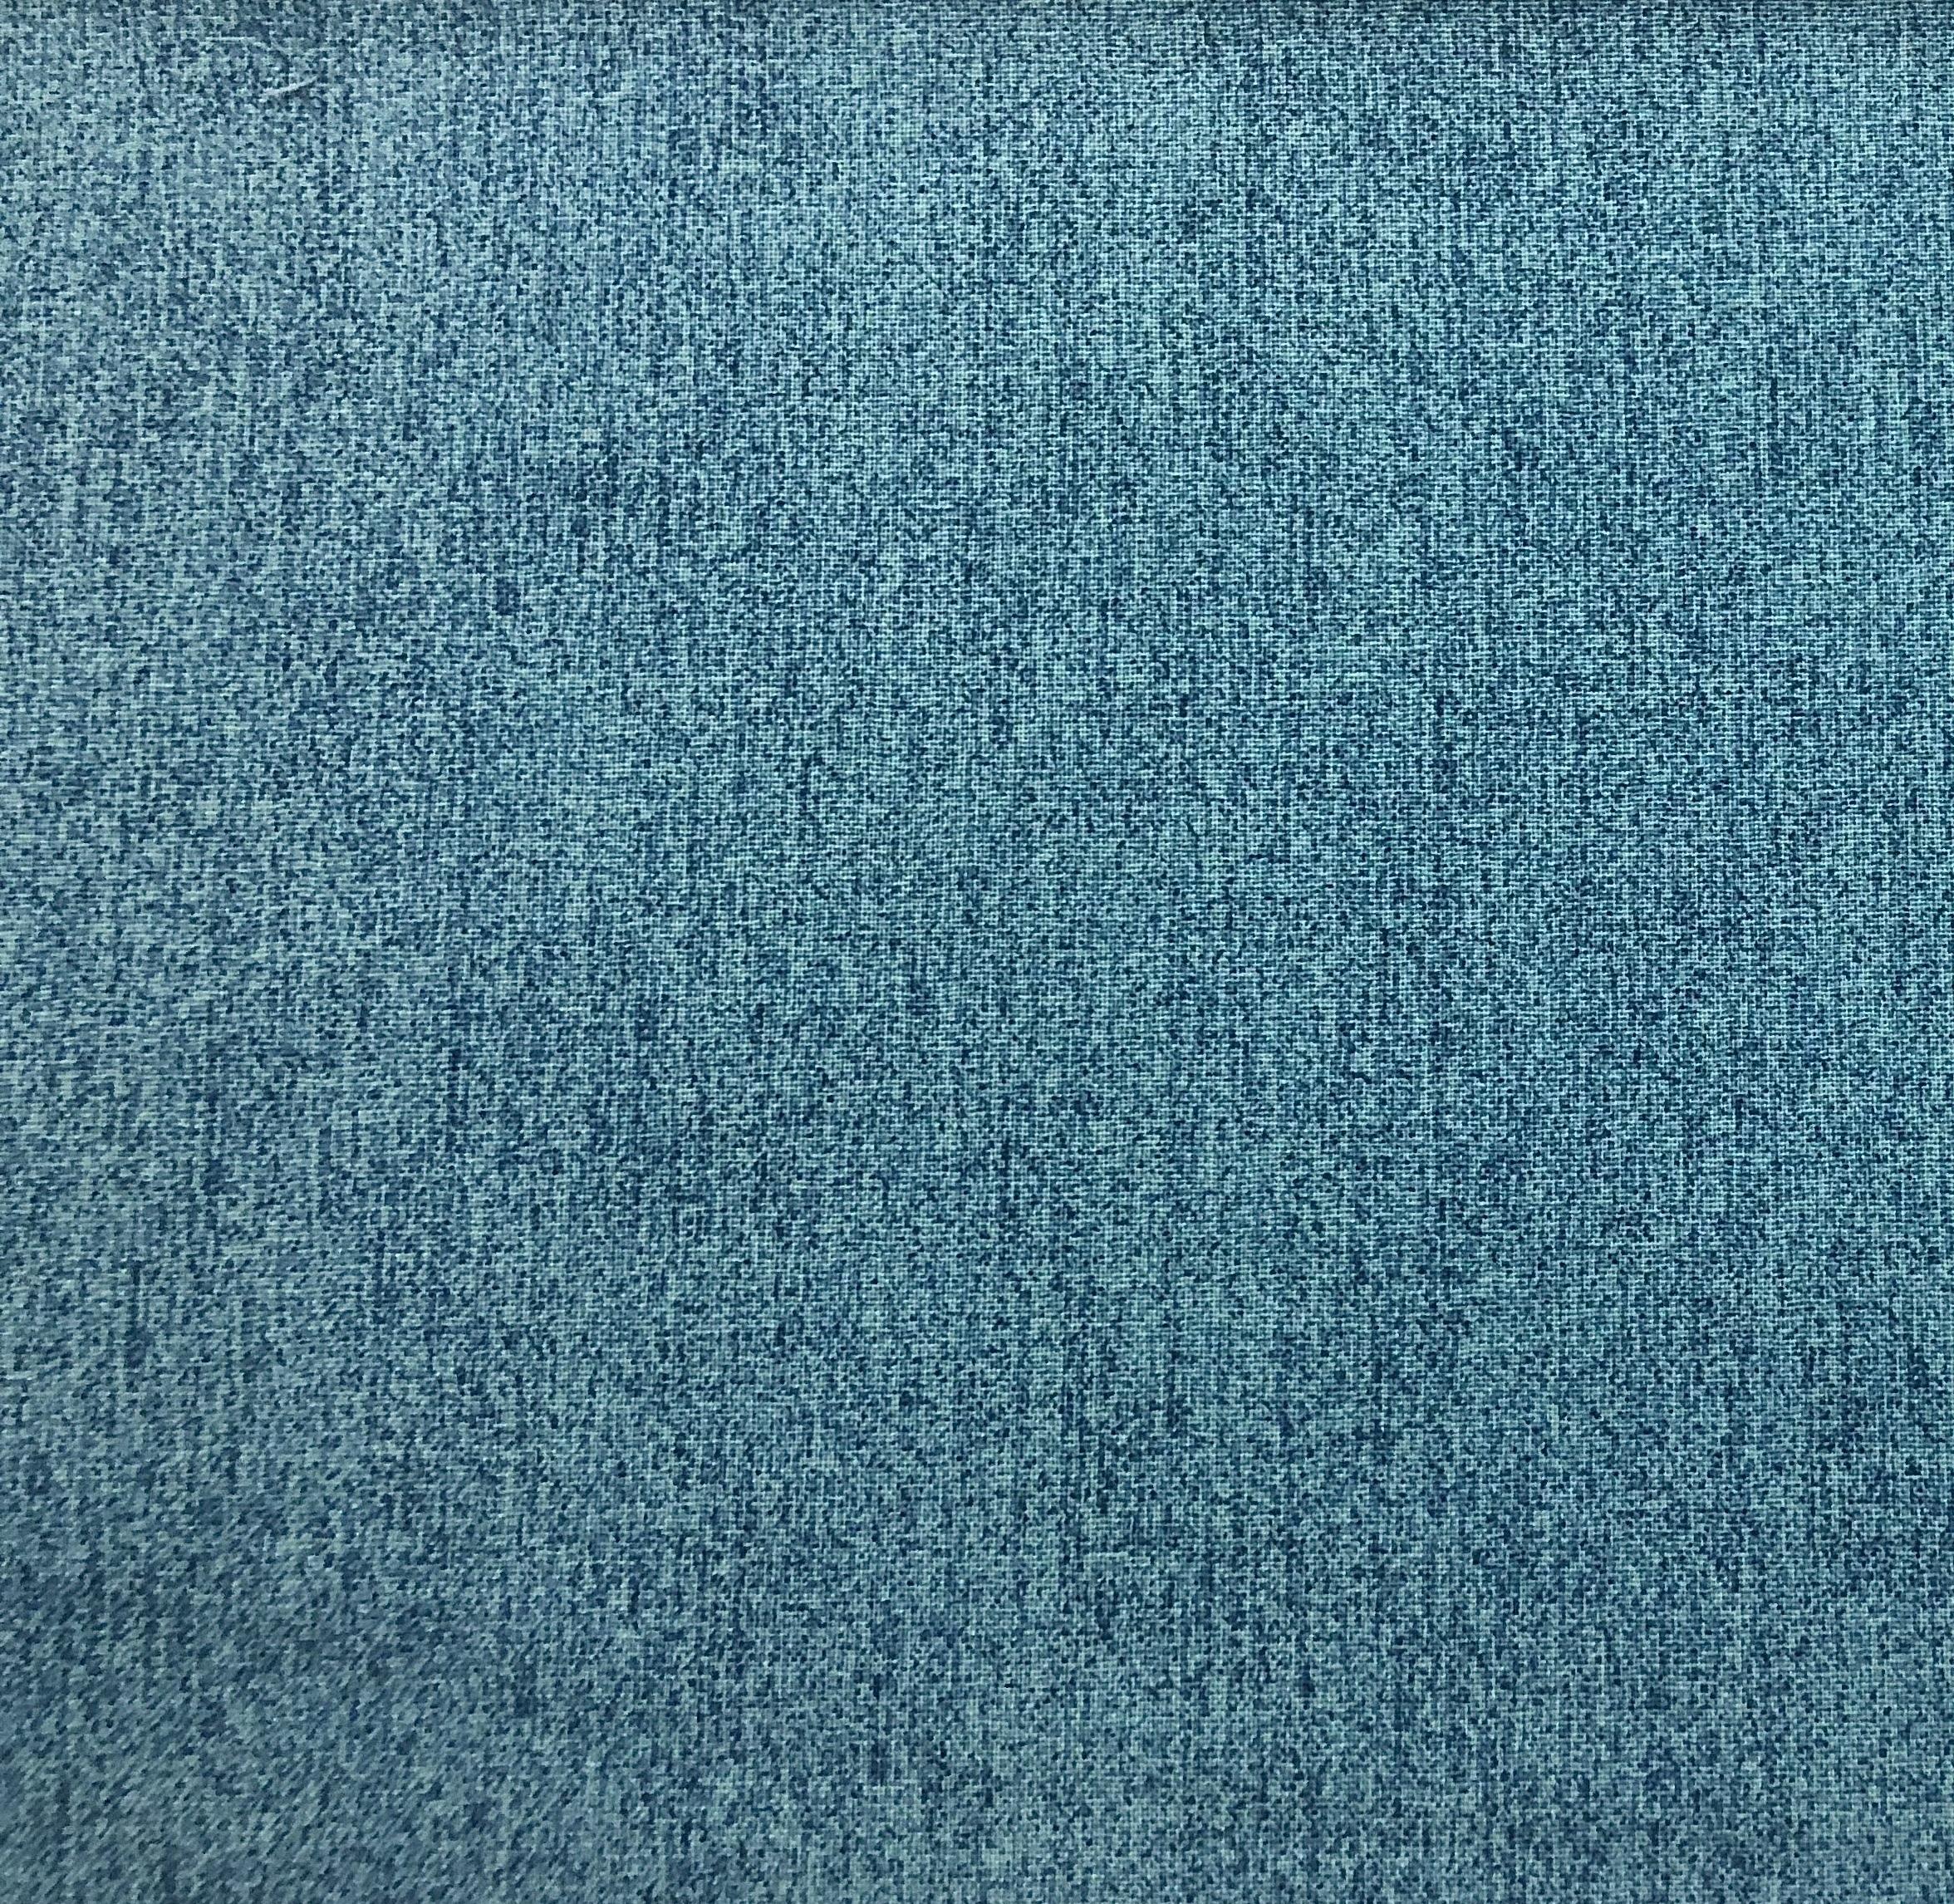 Aqua Blender- 1/2m cut 56736